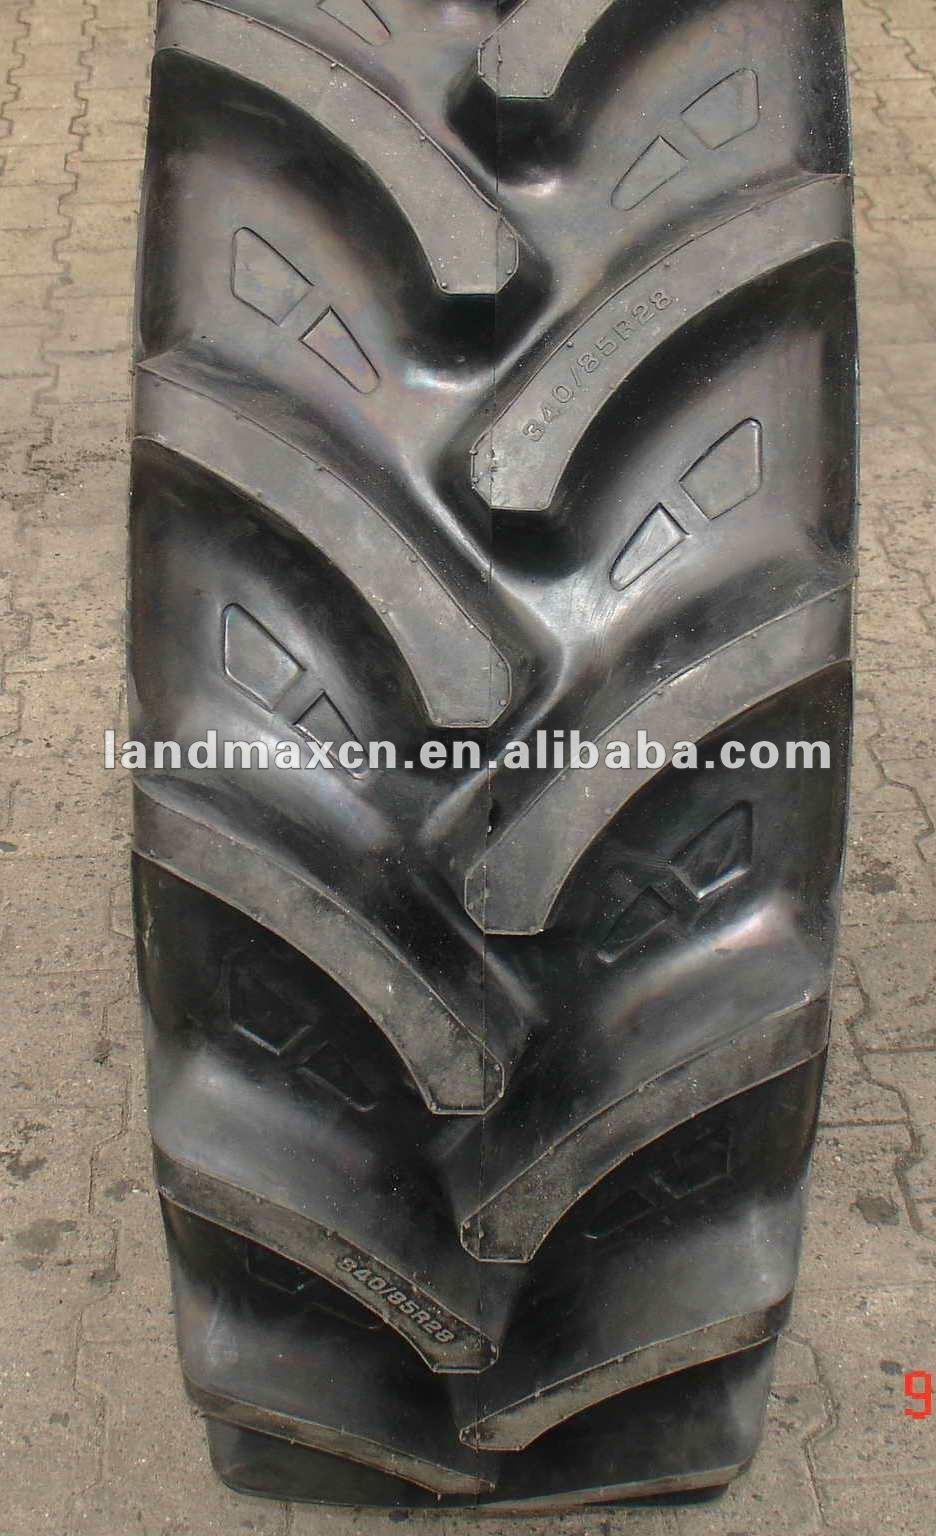 pneu tracteur agricole 13.6 28